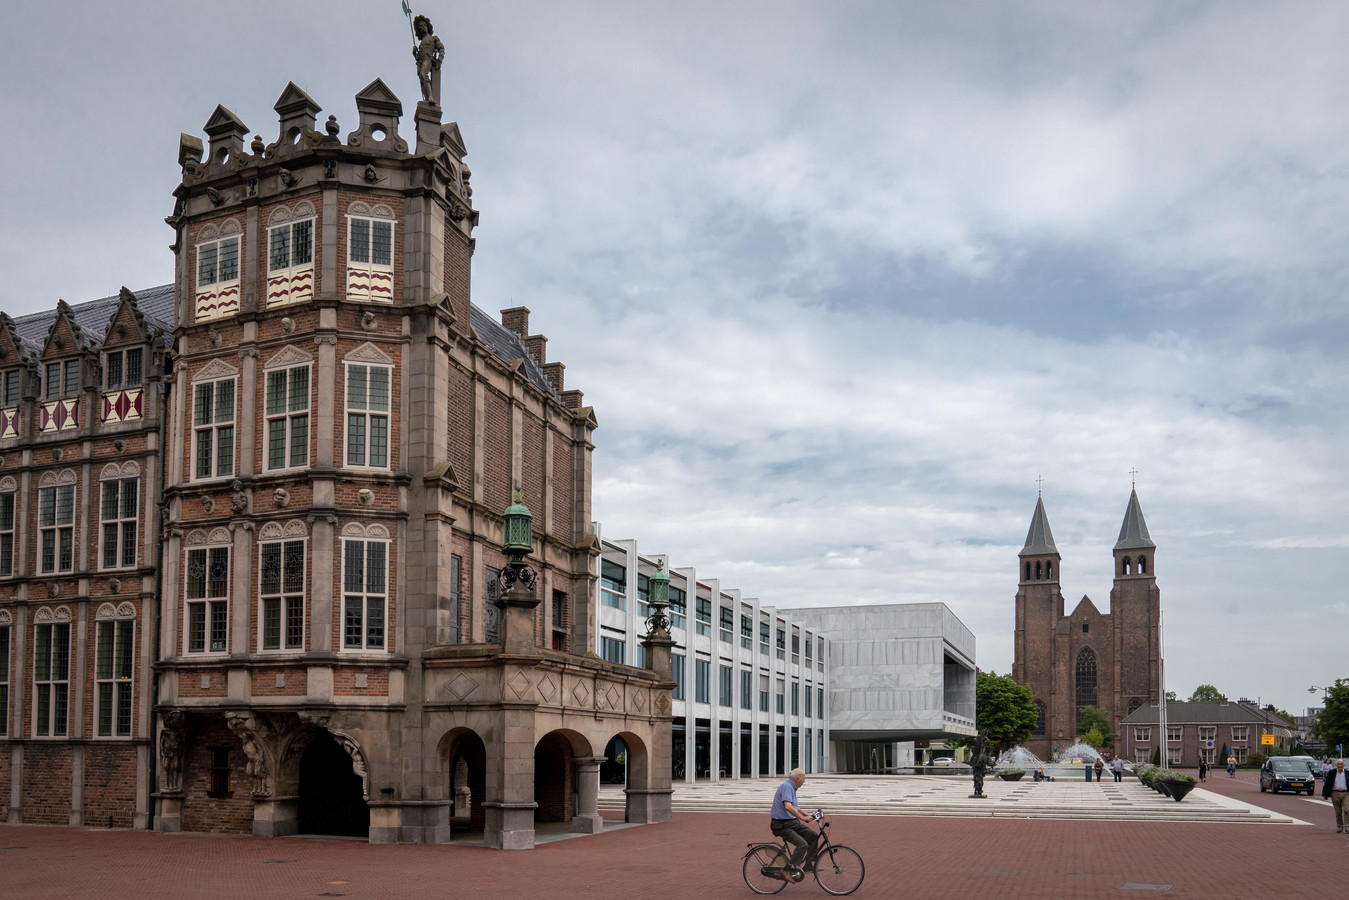 Het Duivelshuis met op de achtergrond het stadhuis van Arnhem en de Sint-Walburgiskerk.